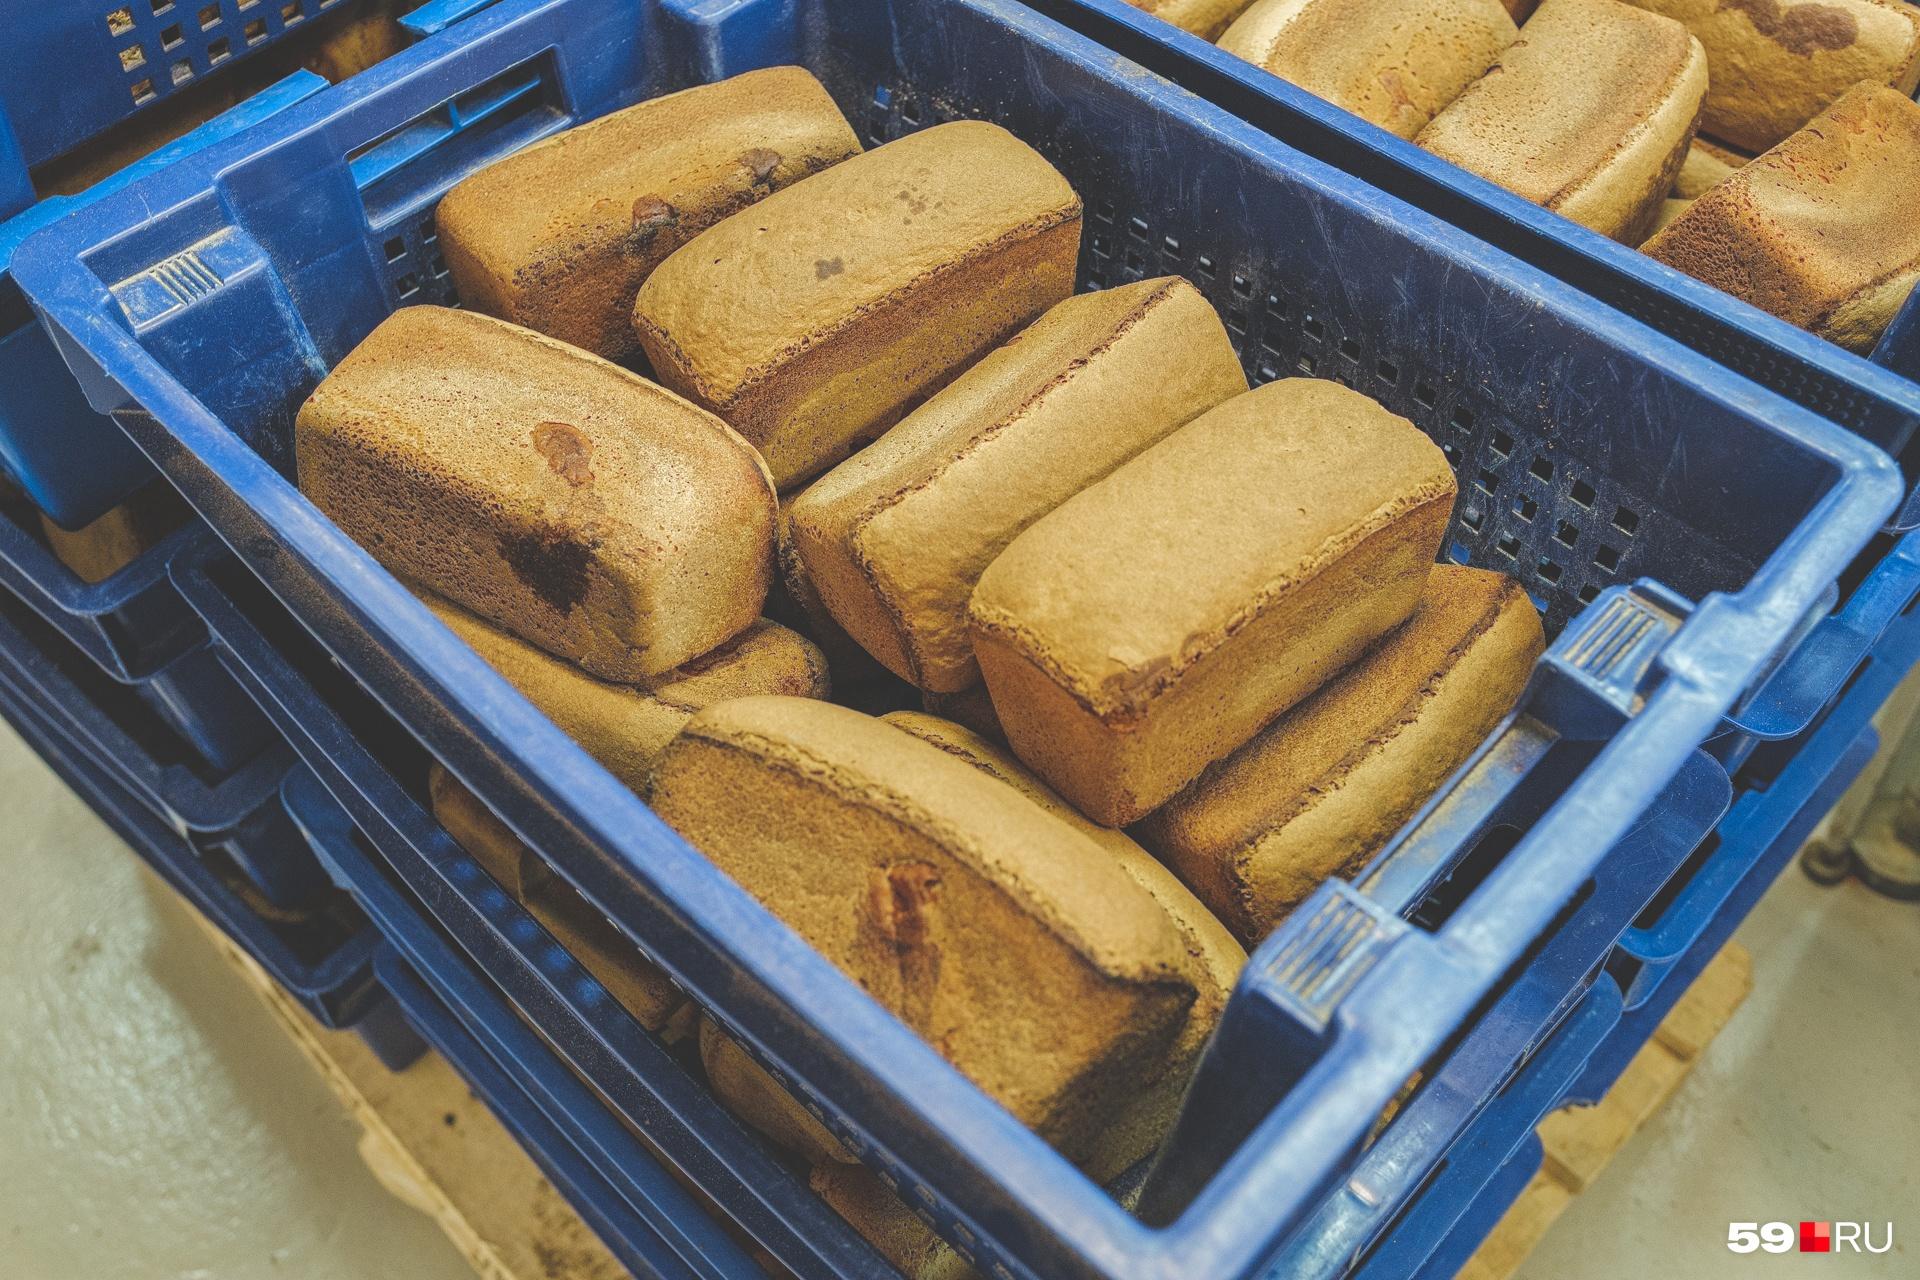 Гренки делают из буханок ржаного хлеба